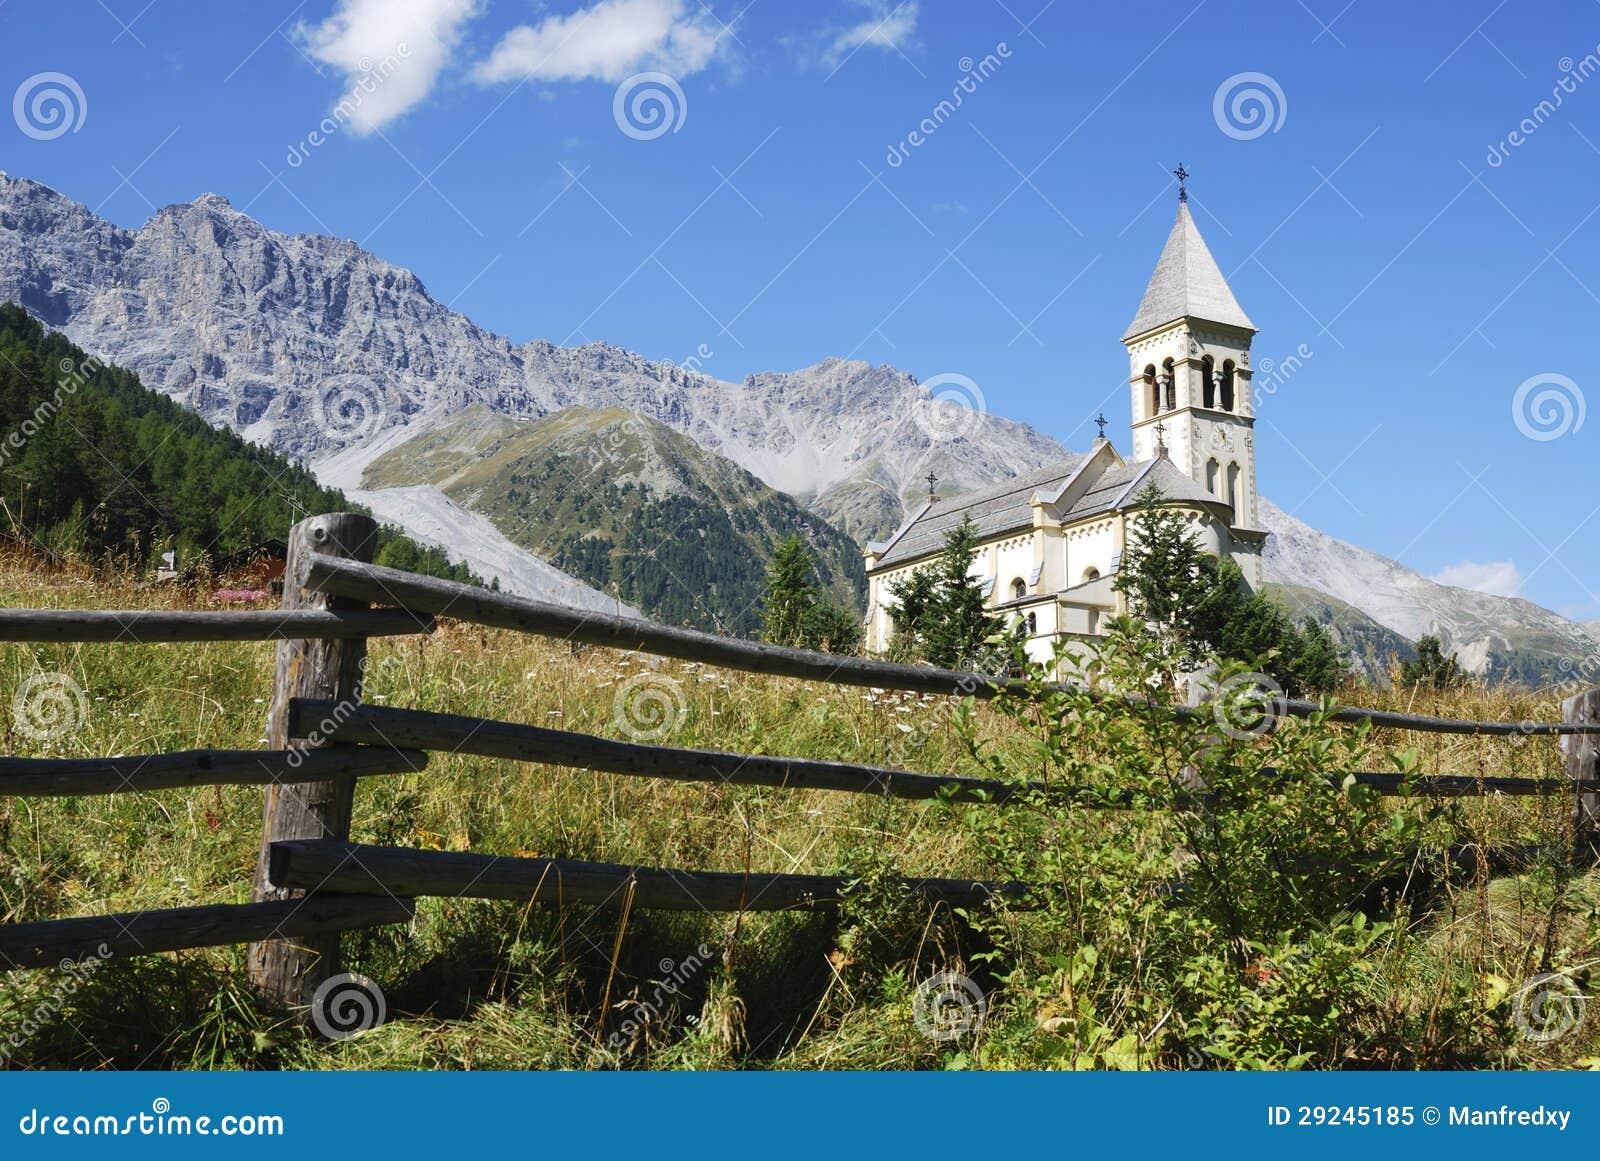 Download Igreja em Sulden imagem de stock. Imagem de religião - 29245185